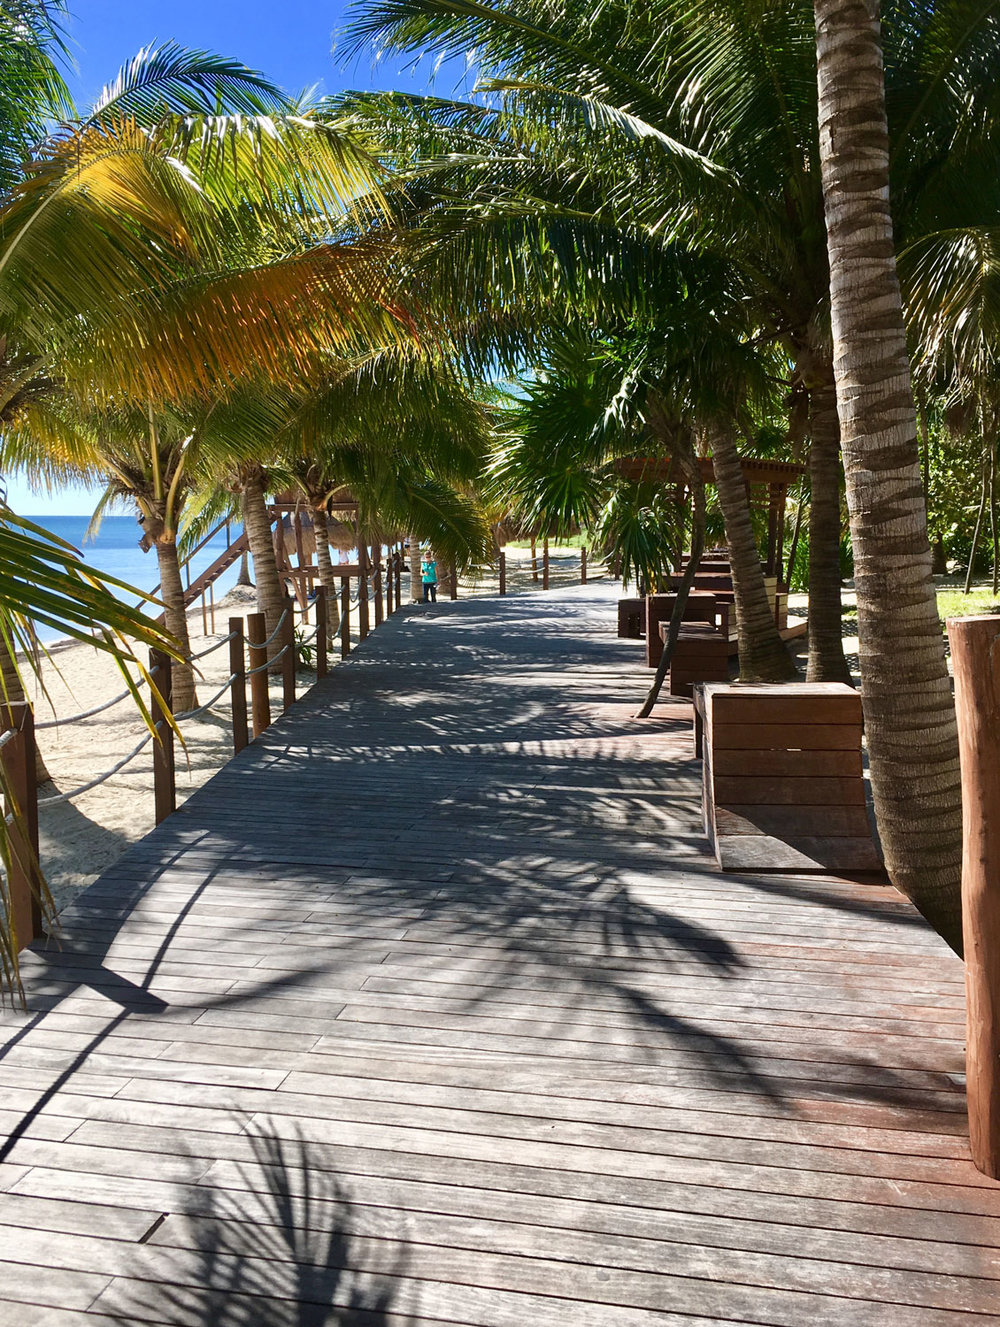 Hammocks_and_Ruins_Things_To_Do_Cancun_Explore_Riviera_Maya_Mexico_Cancun_Beaches_Coral_El_Mirador_II_2.jpg